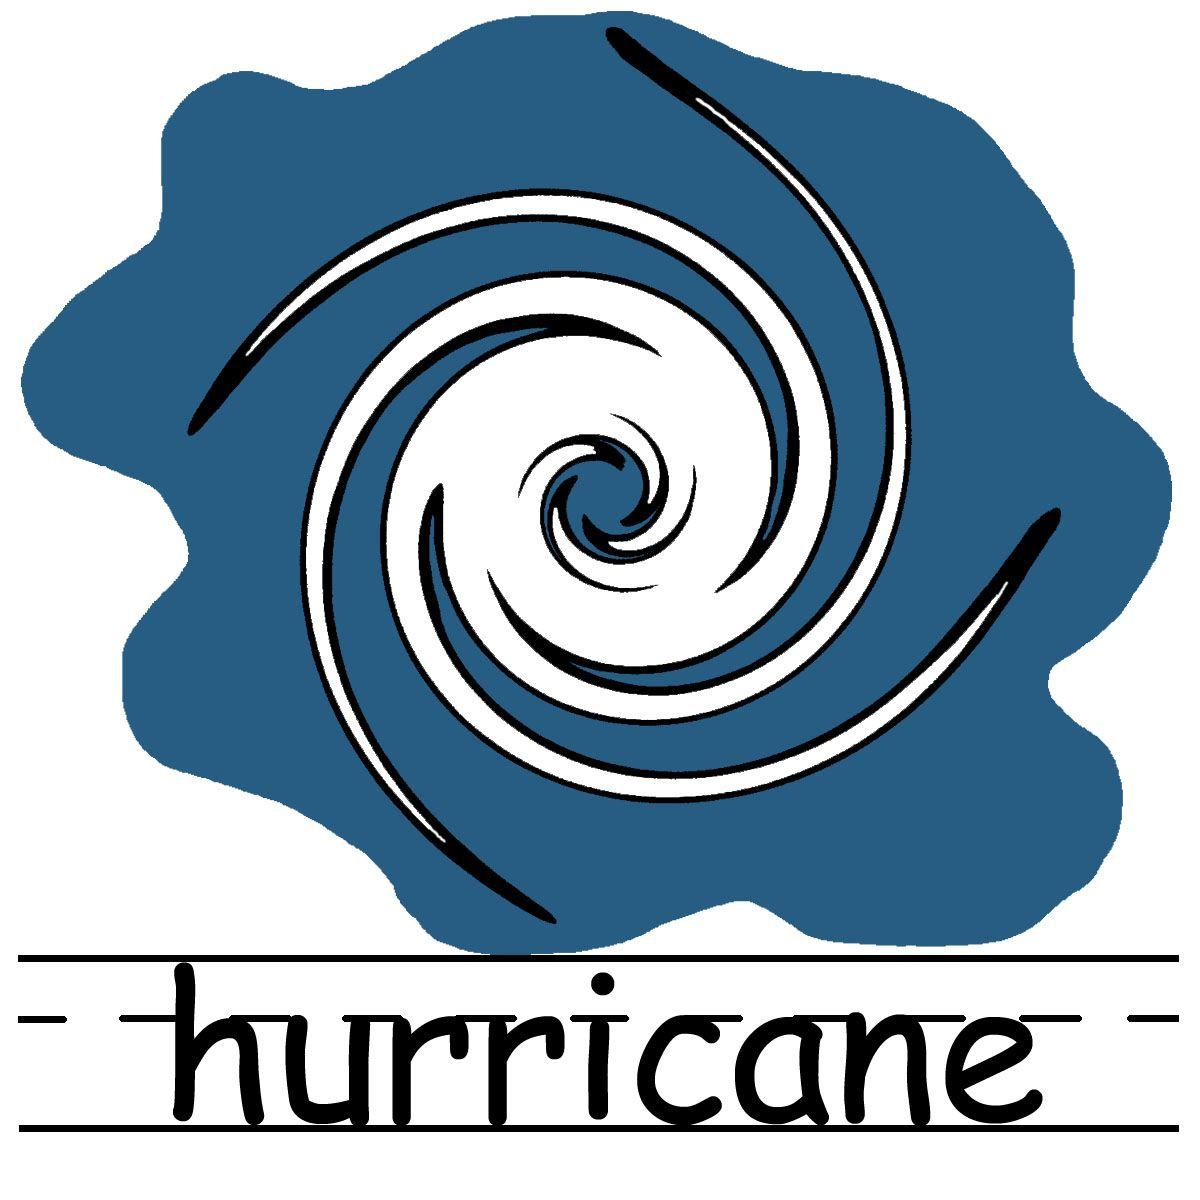 Hurrican2 Rgb Jpg 1 200 1 200 Pixels Hurricane Season Hurricane Seasons